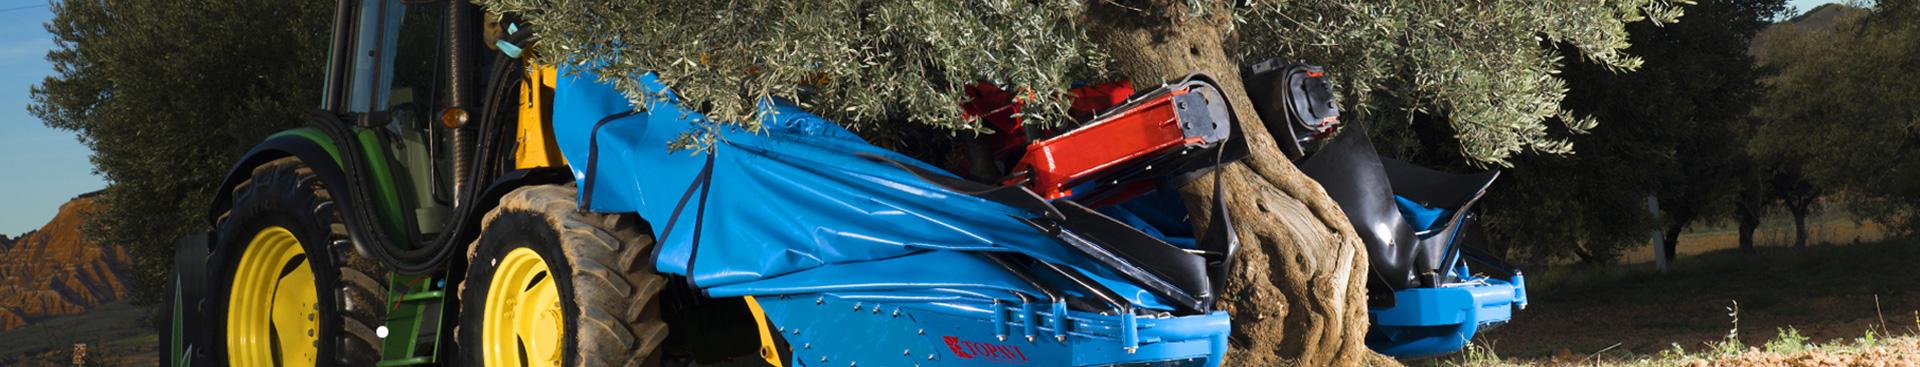 Catálogo de tractores Topavi. Venta de maquinaria agrícola Topavi